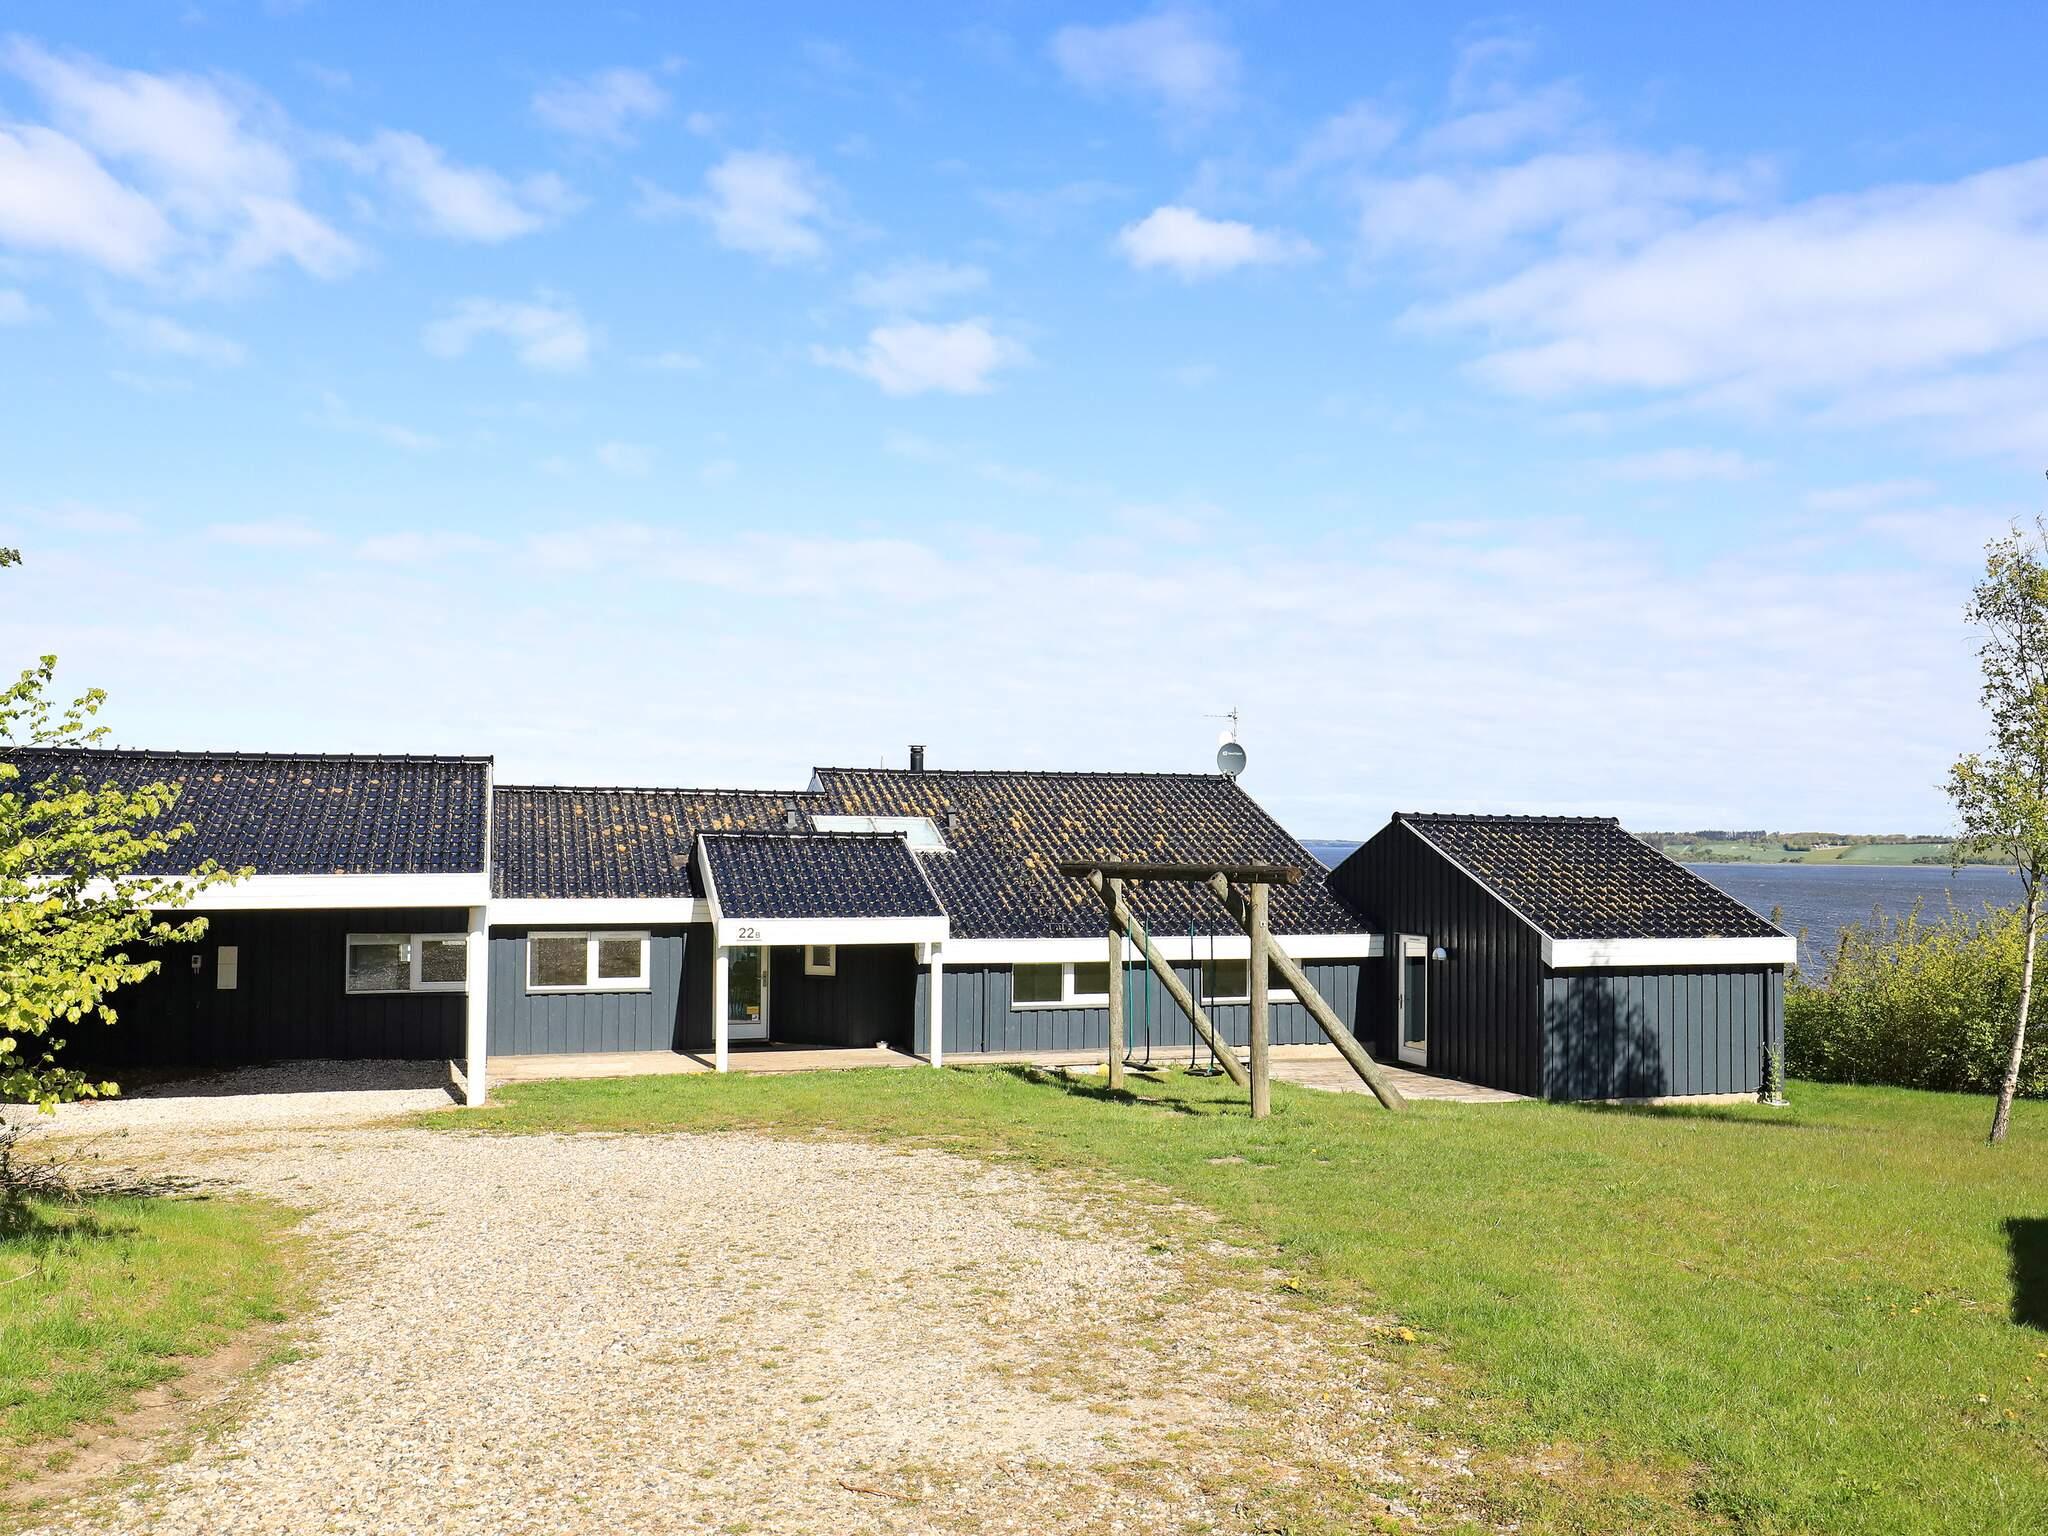 Ferienhaus Hjarbæk Fjord (679304), Hjarbæk, , Westjütland, Dänemark, Bild 15